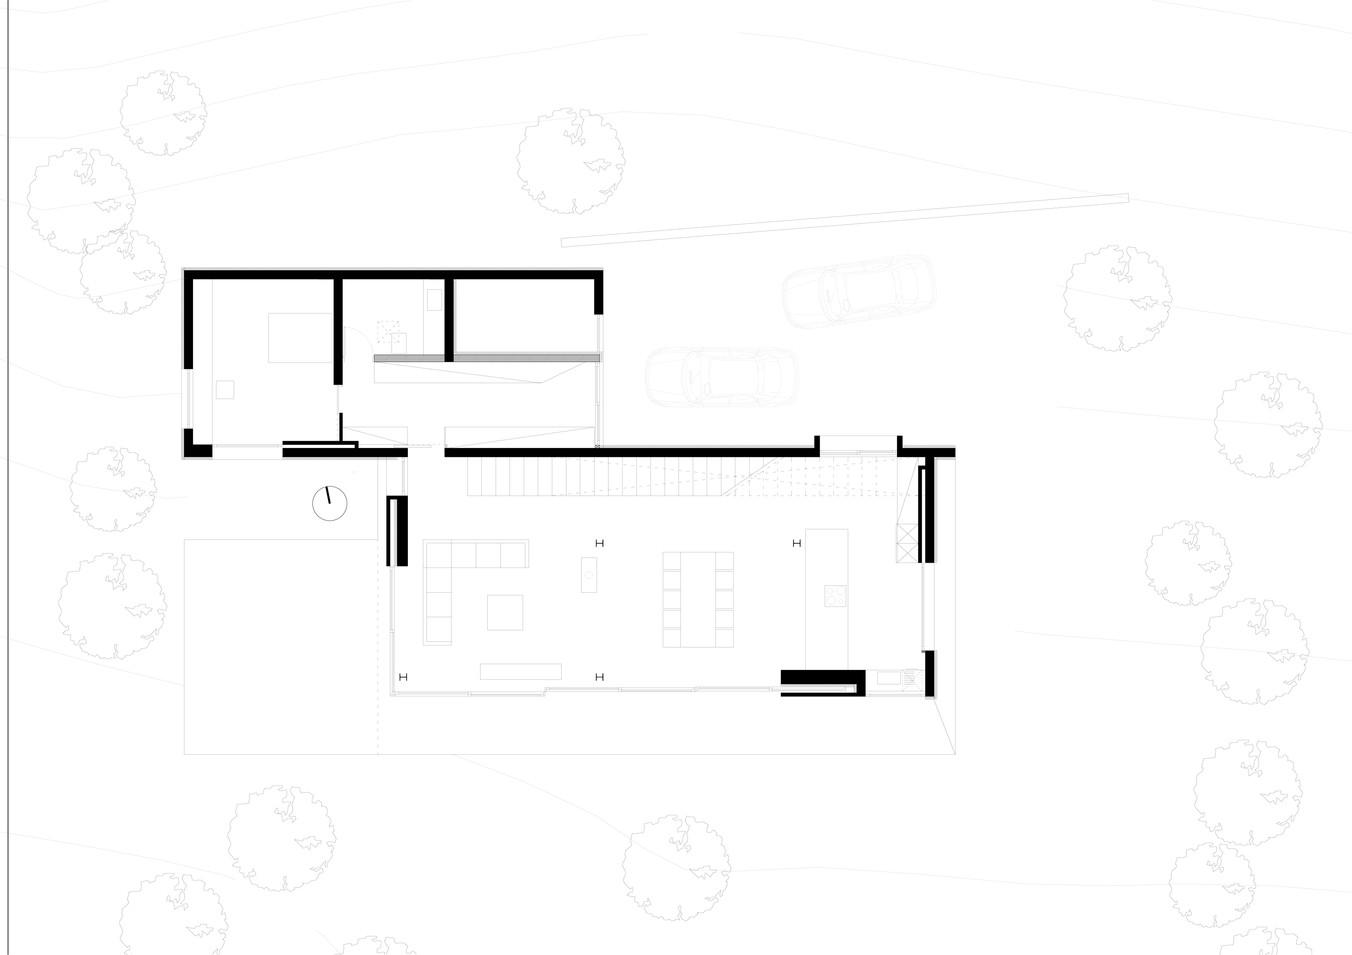 28092018_groundfloor_plan.jpg